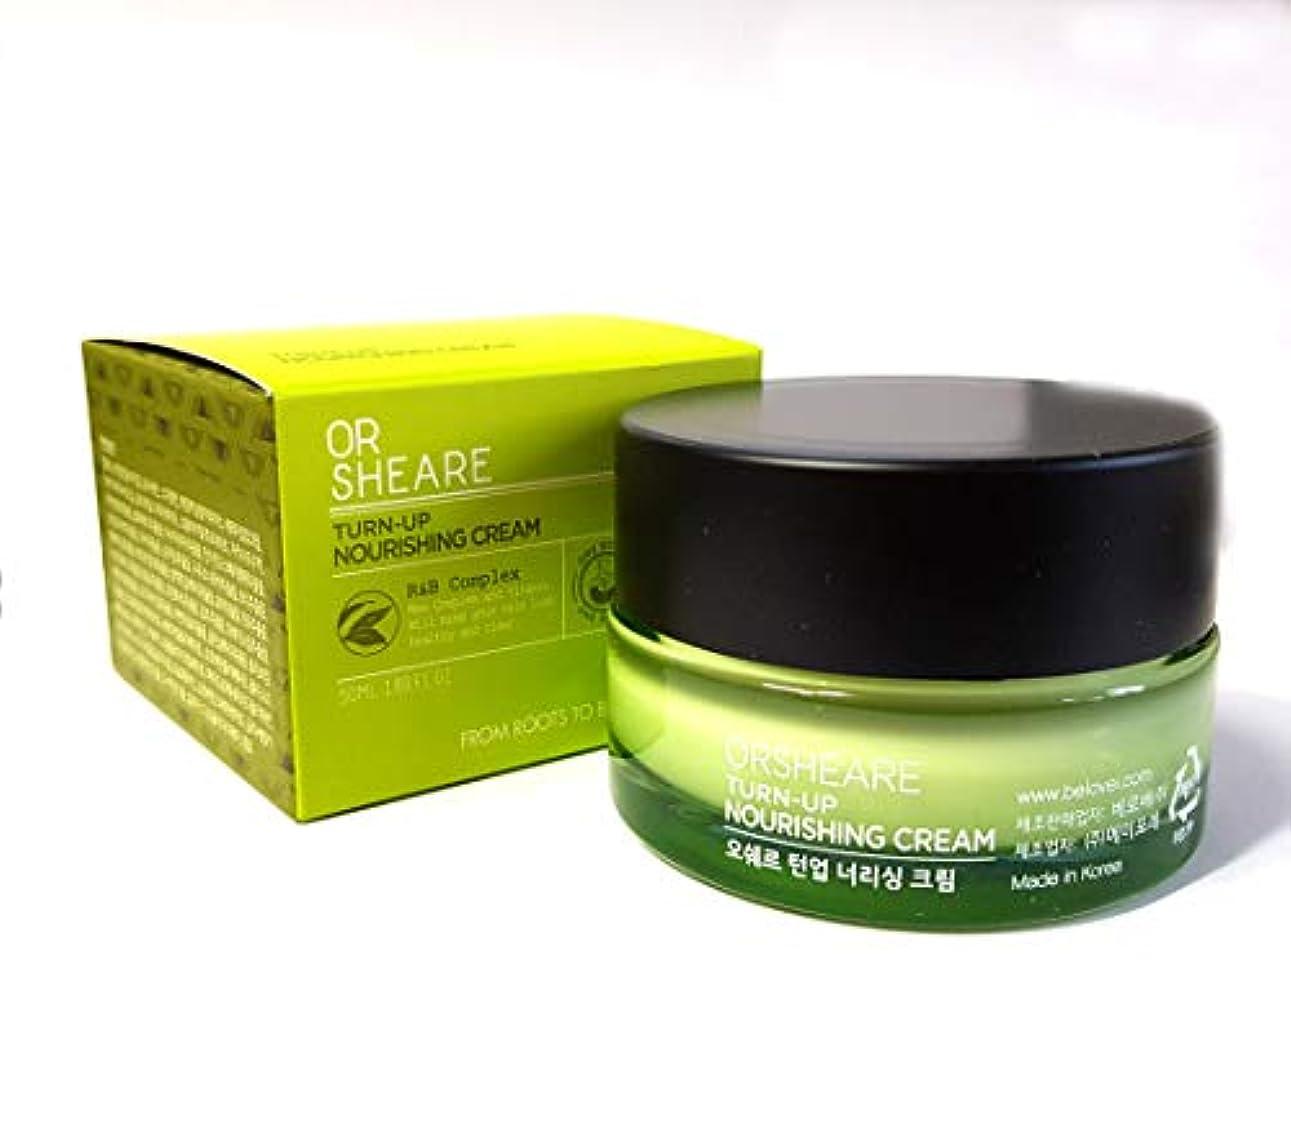 イディオムクランシー根拠[OR SHEARE] トンオプ栄養クリーム50ml / Turn-up Nourishing Cream 50ml / 保湿、再生/Moisturizing,Revitalizing/韓国化粧品/Korean Cosmetics...